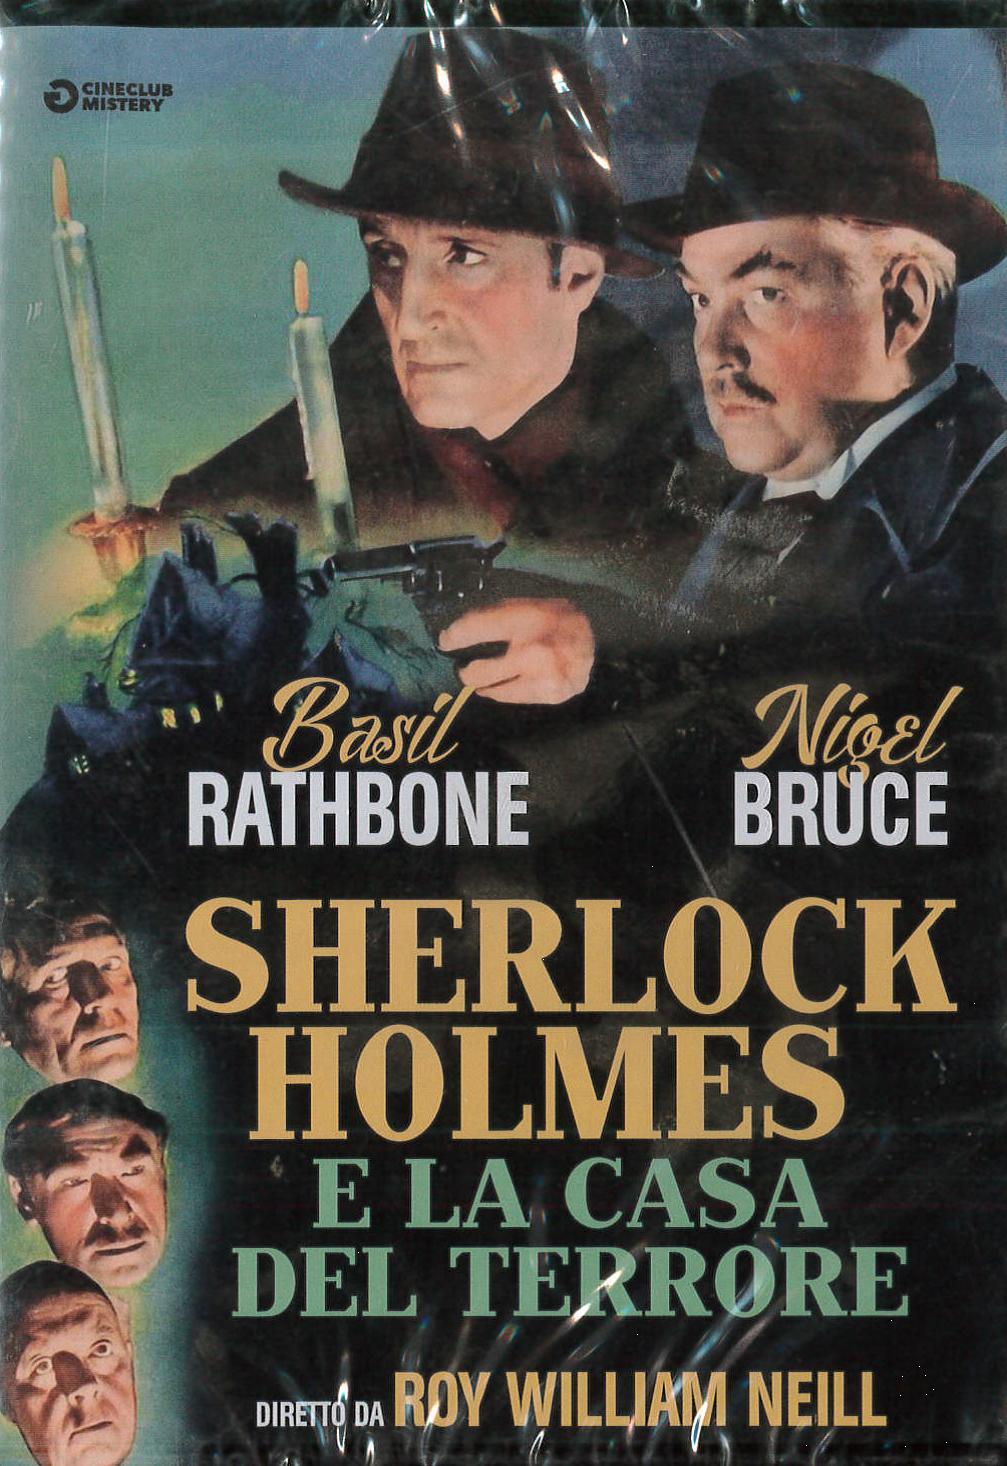 SHERLOCK HOLMES E LA CASA DEL TERRORE (DVD)